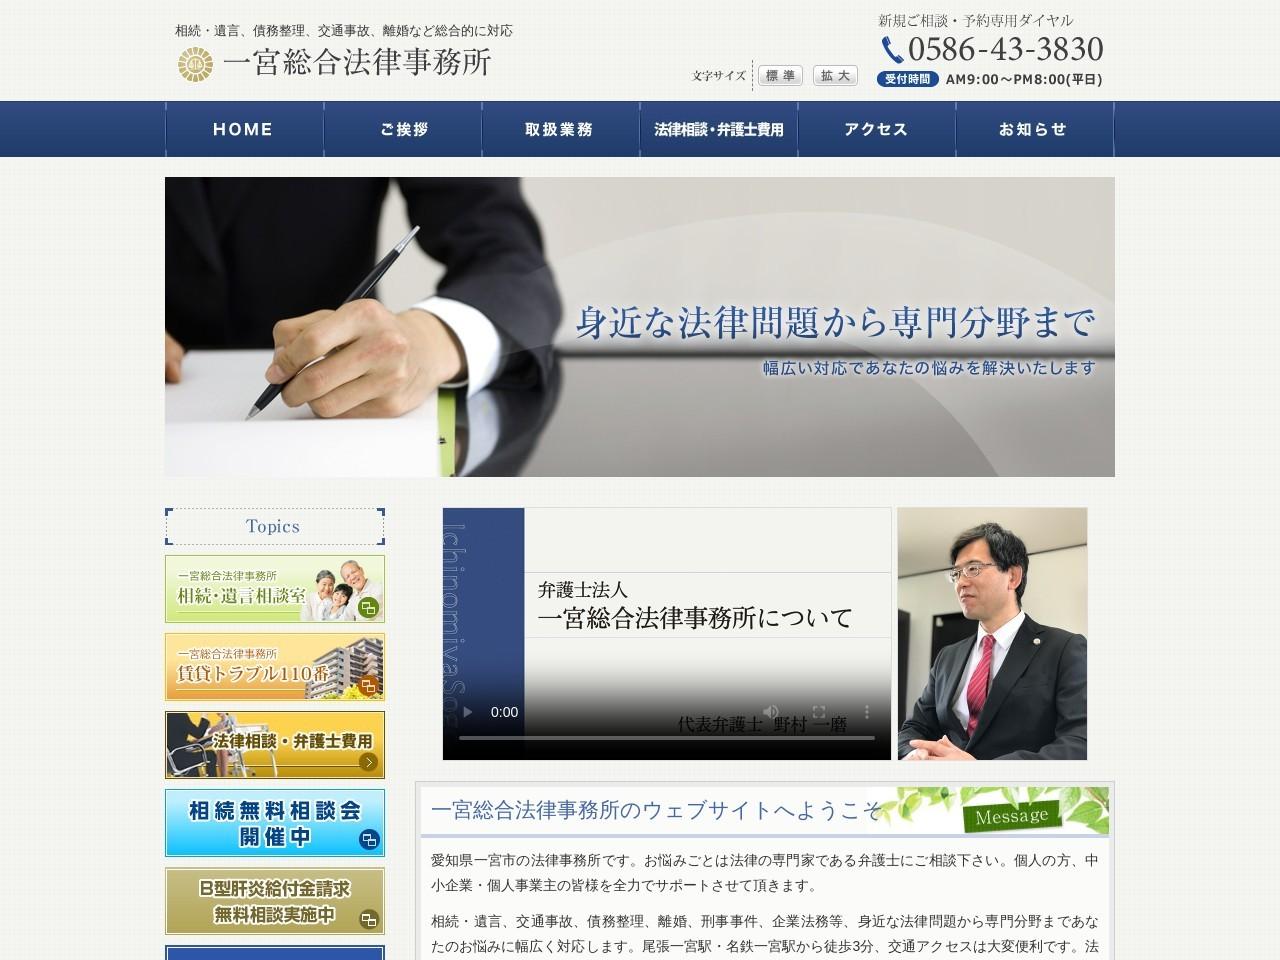 一宮総合法律事務所(弁護士法人)